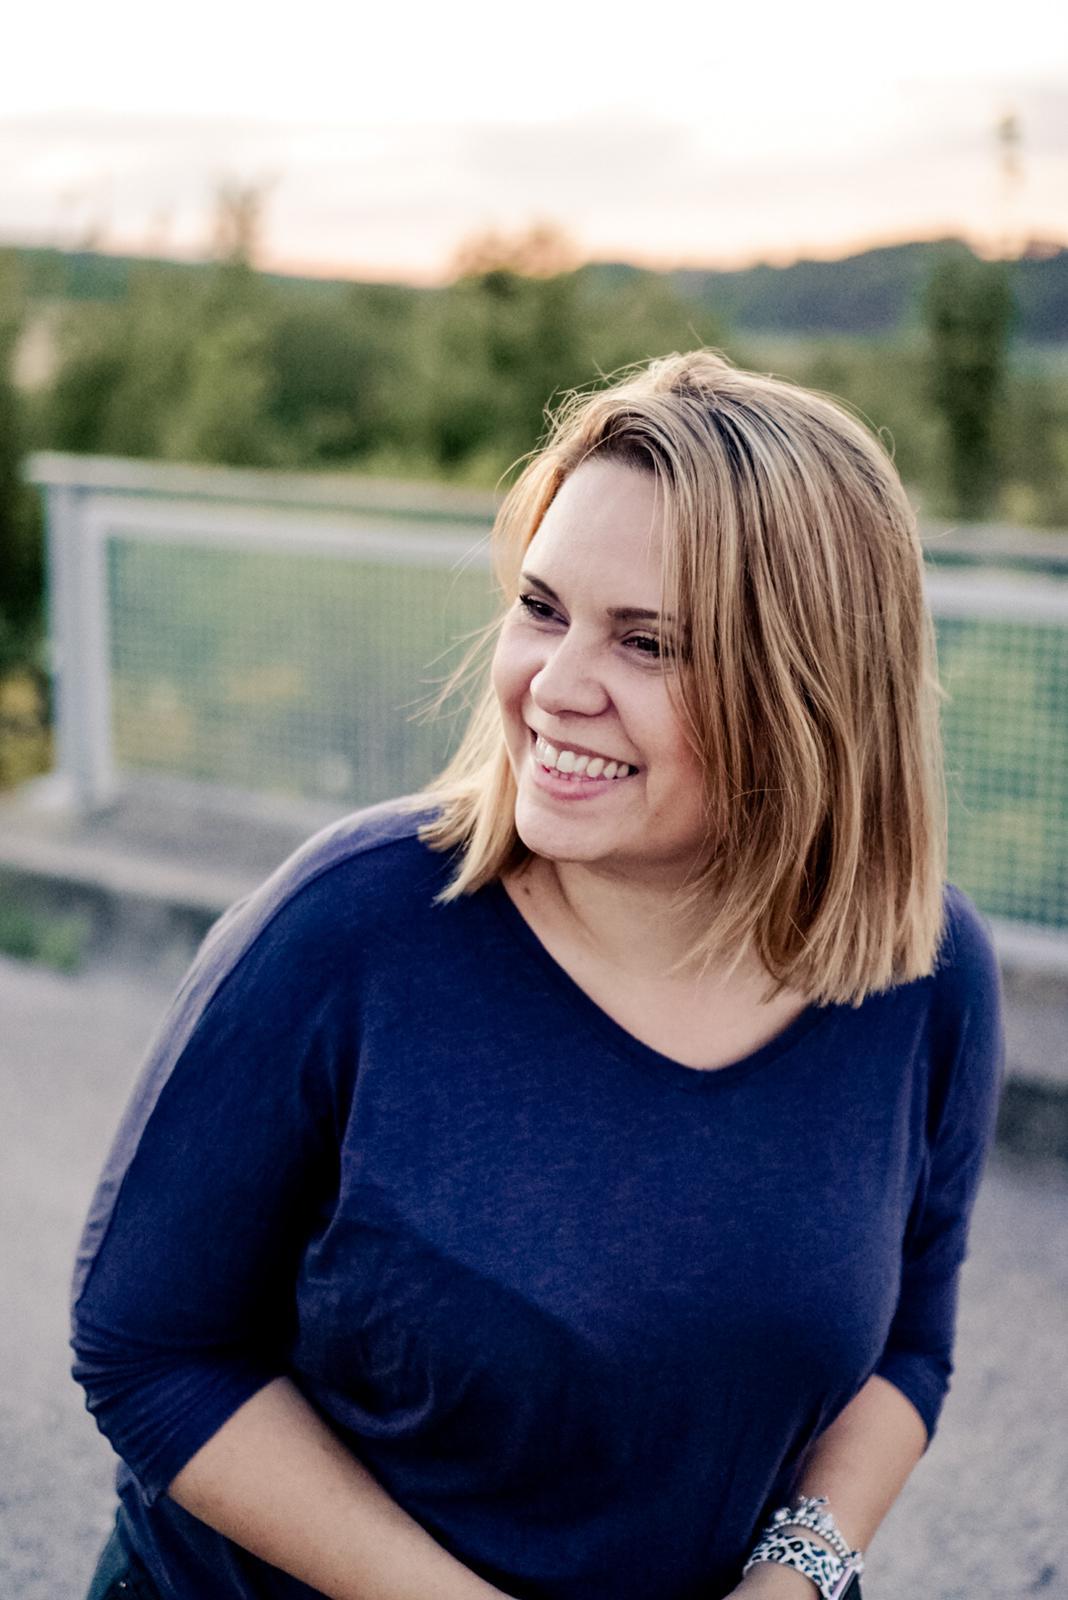 Stephanie Schlicker @stephanie.schlicker